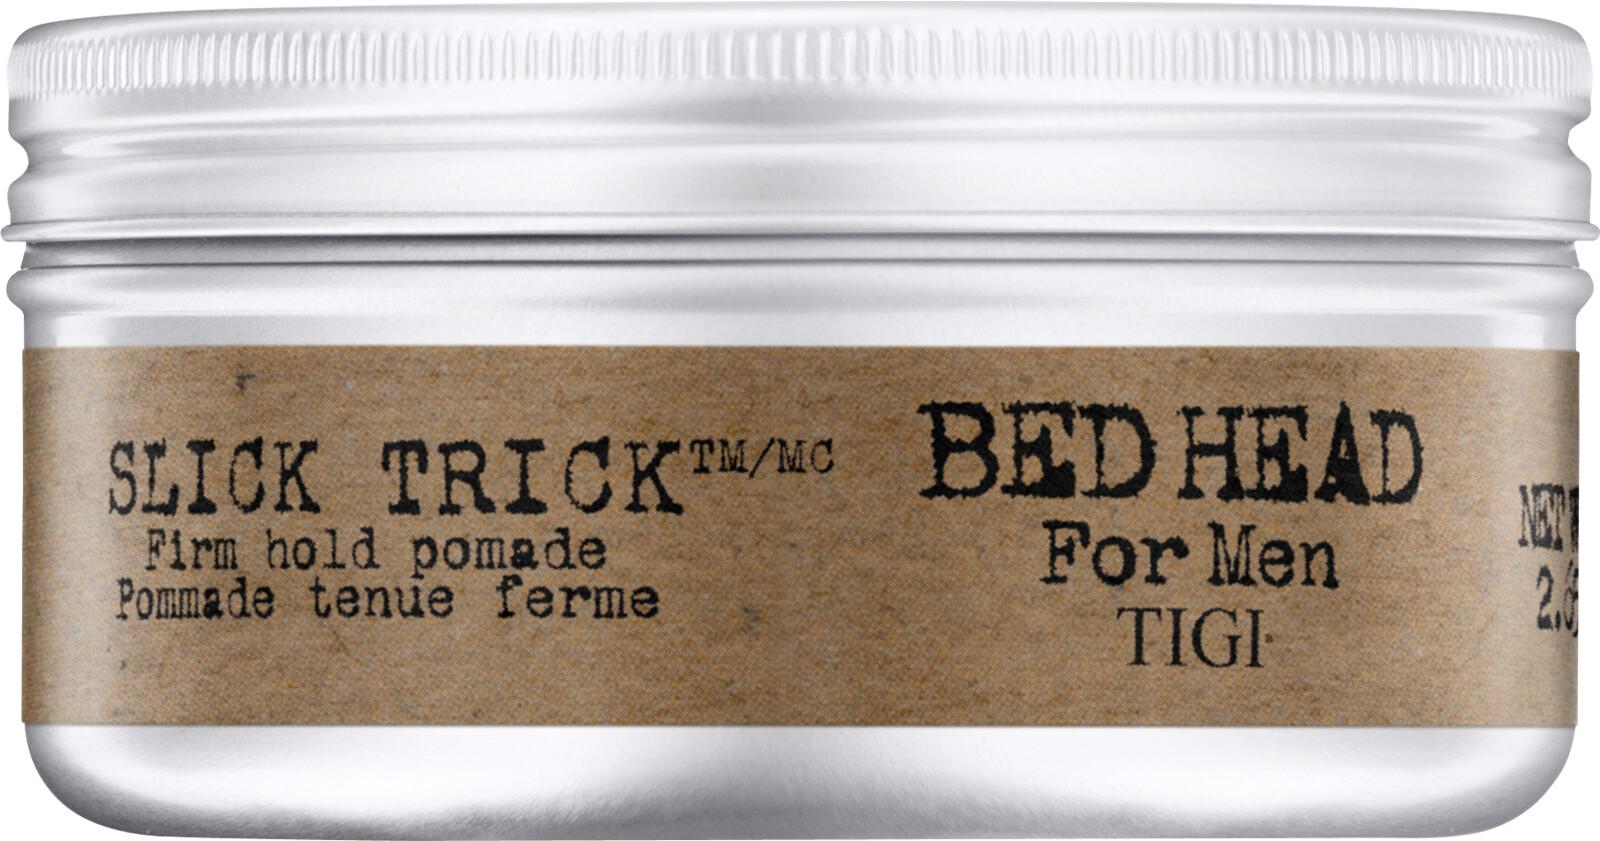 tigi bed head for men slick trick firm hold pomade. Black Bedroom Furniture Sets. Home Design Ideas